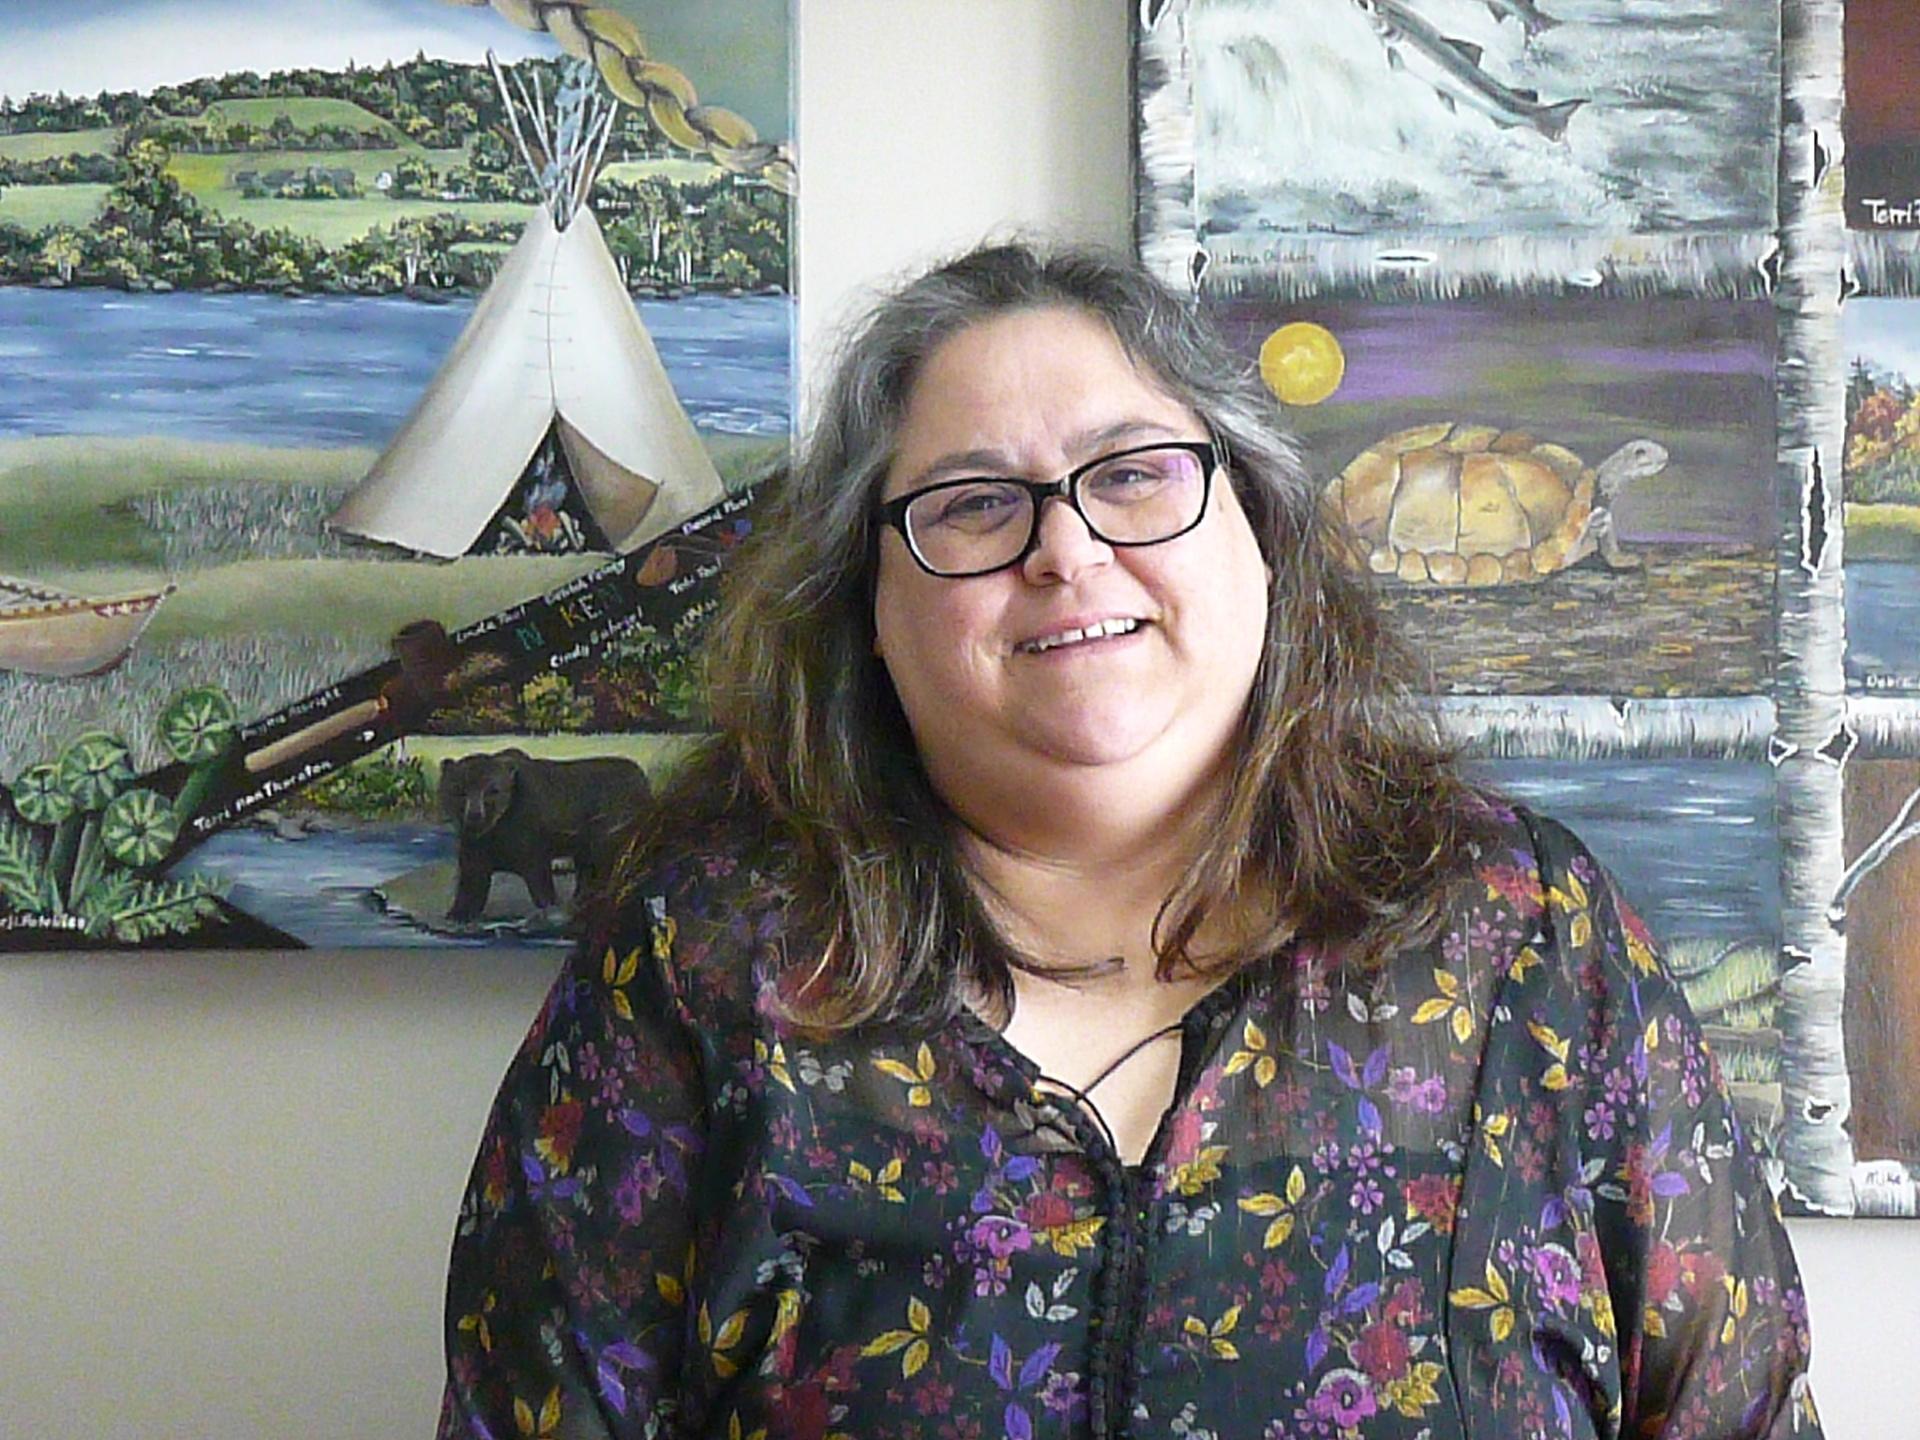 Kim DeMerchant-Family Support Mentor